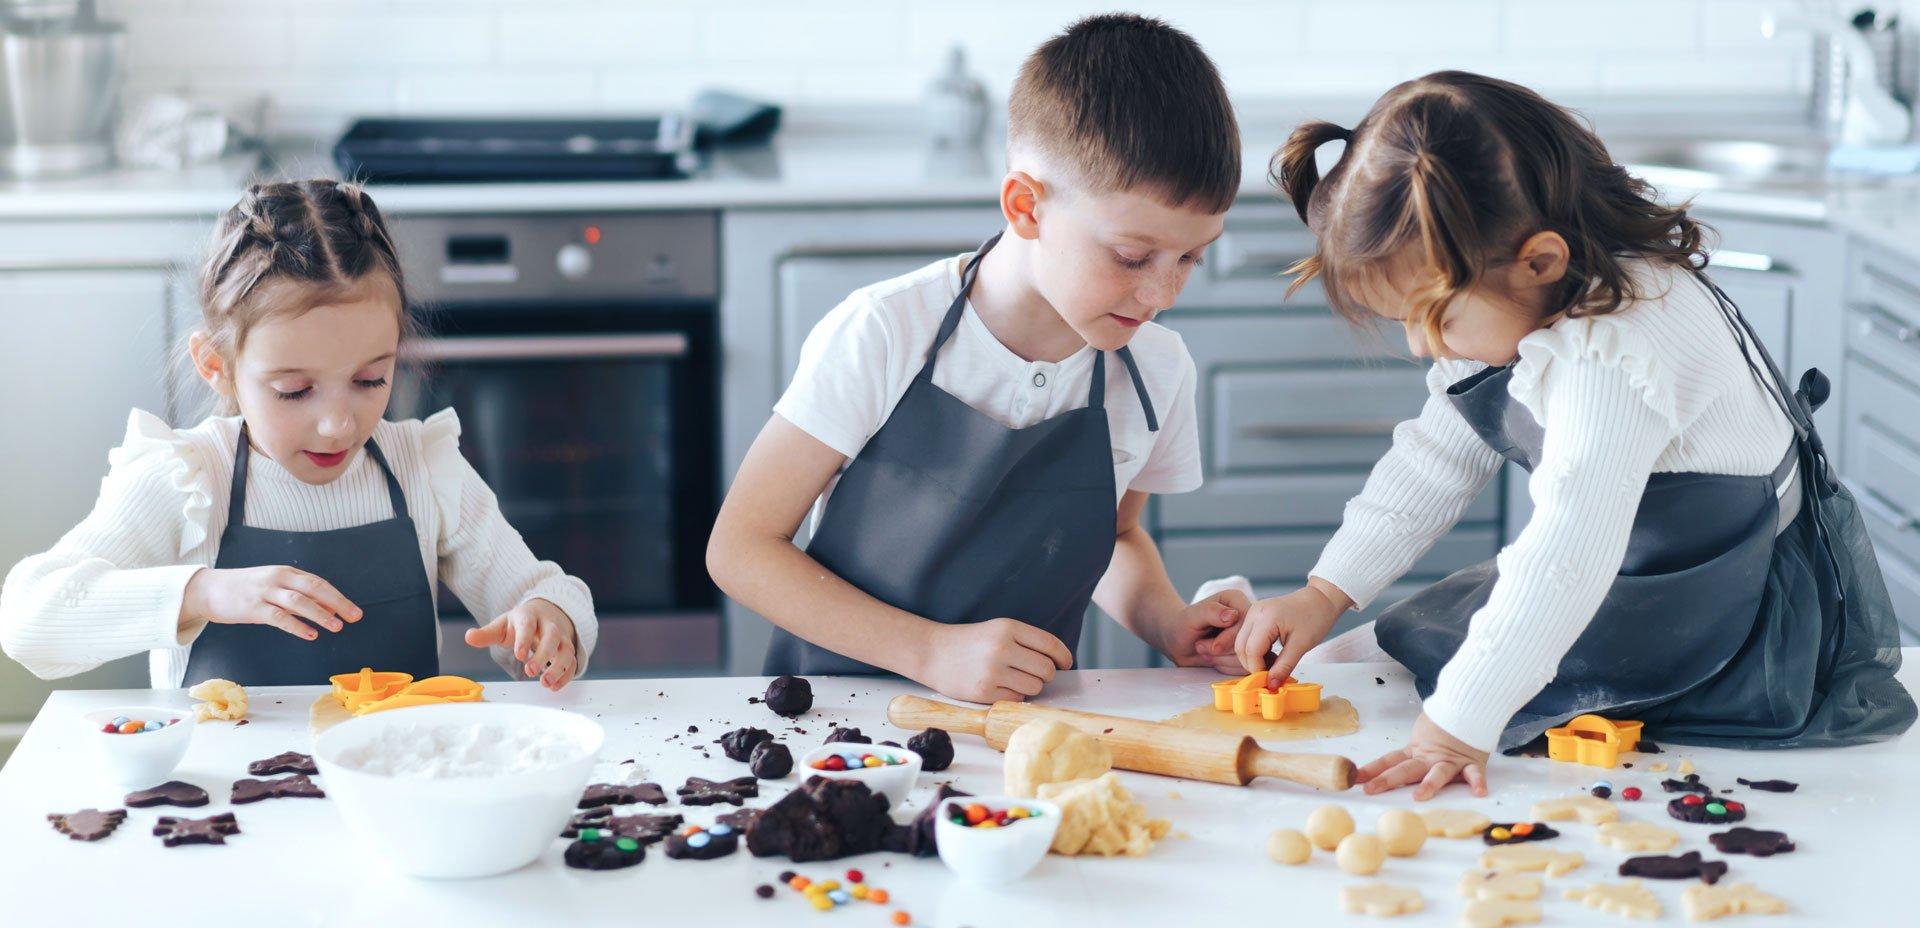 3 bambini preparano biscotti